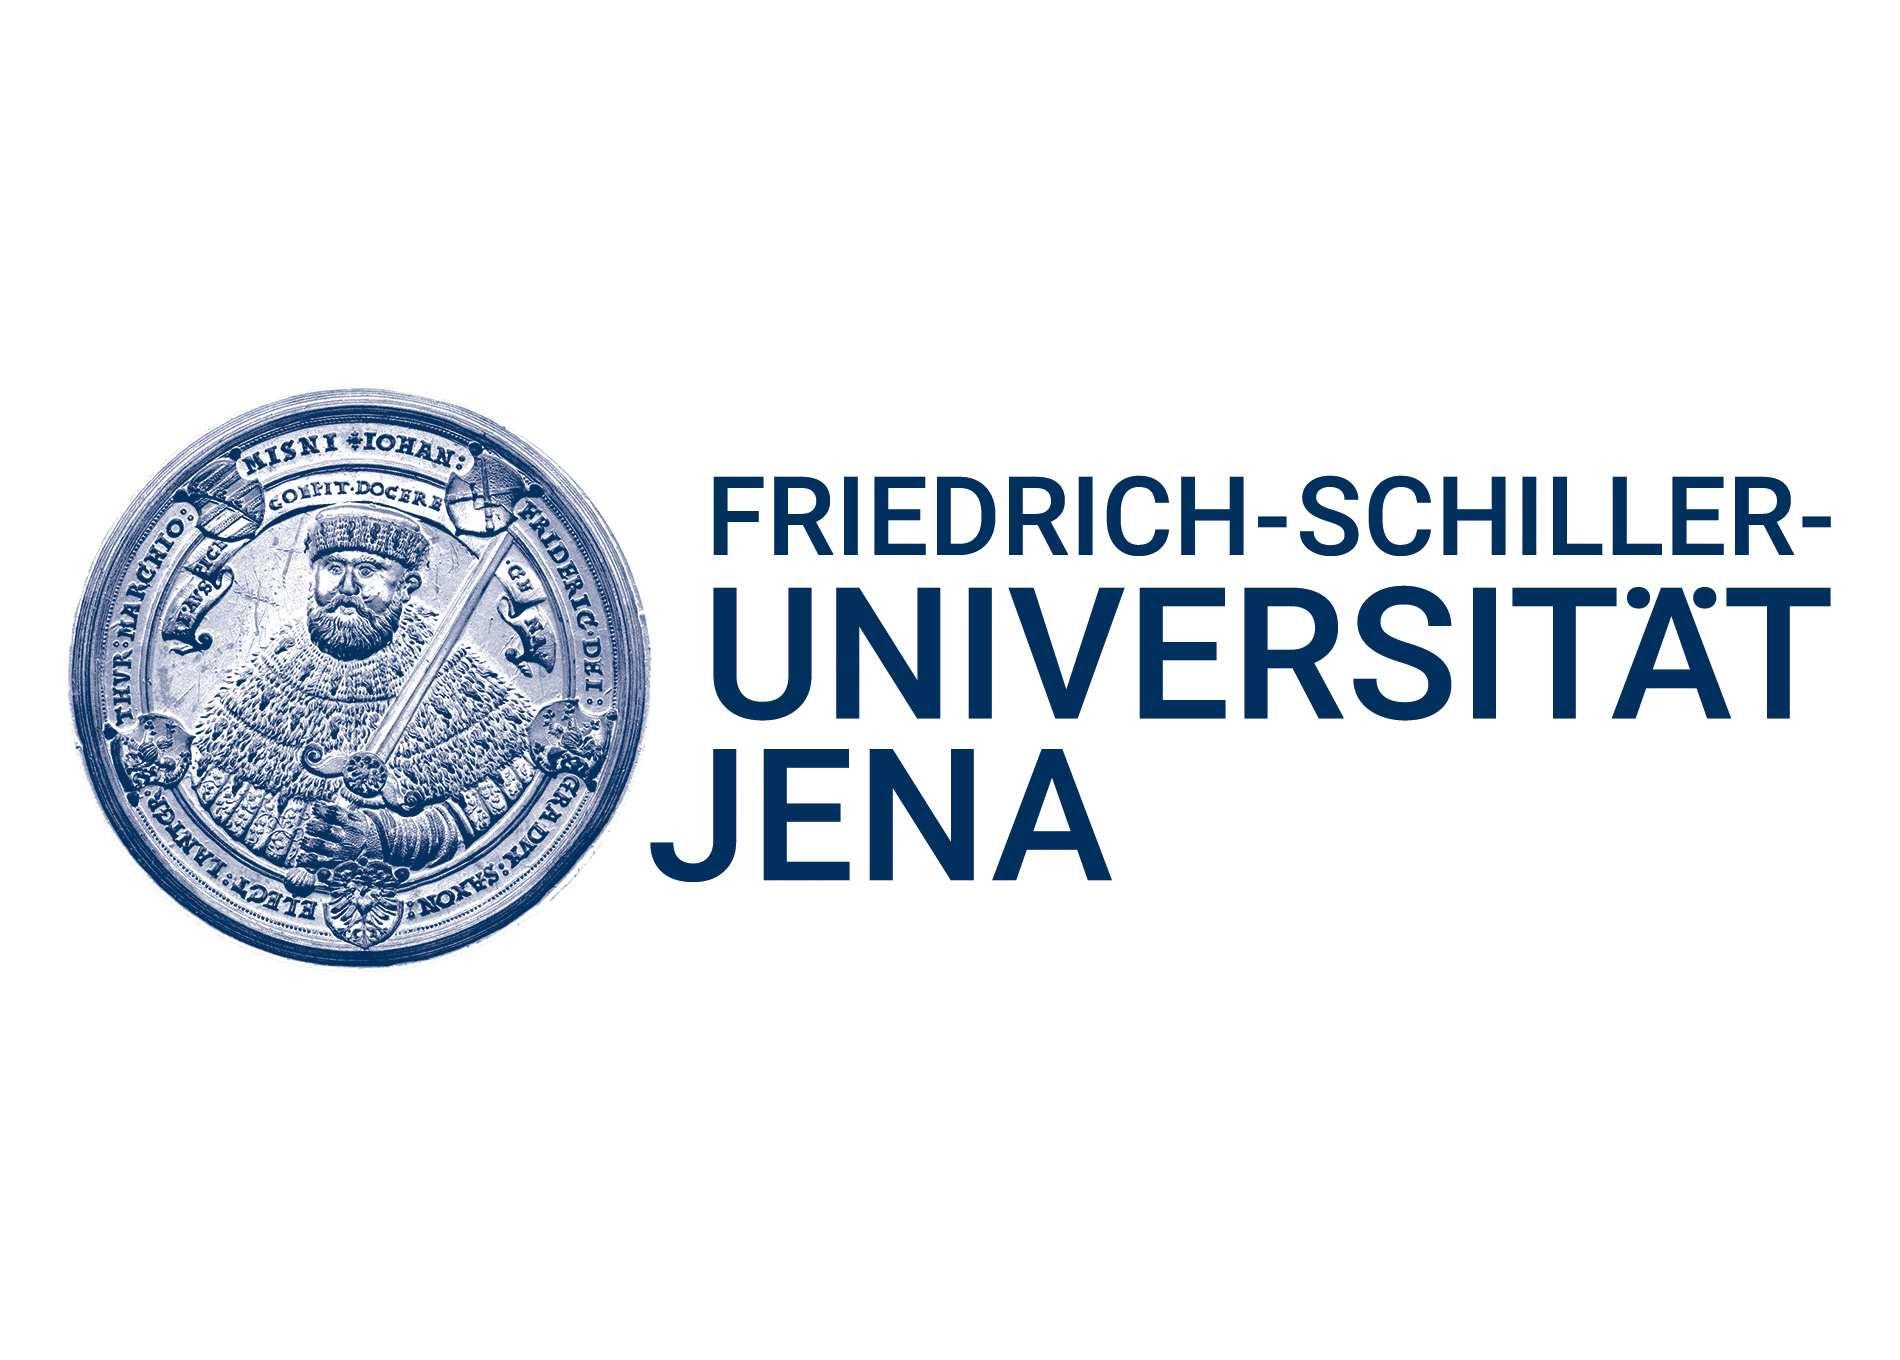 Das Neue Logo Der Universitat Jena Irritiert Design Tagebuch